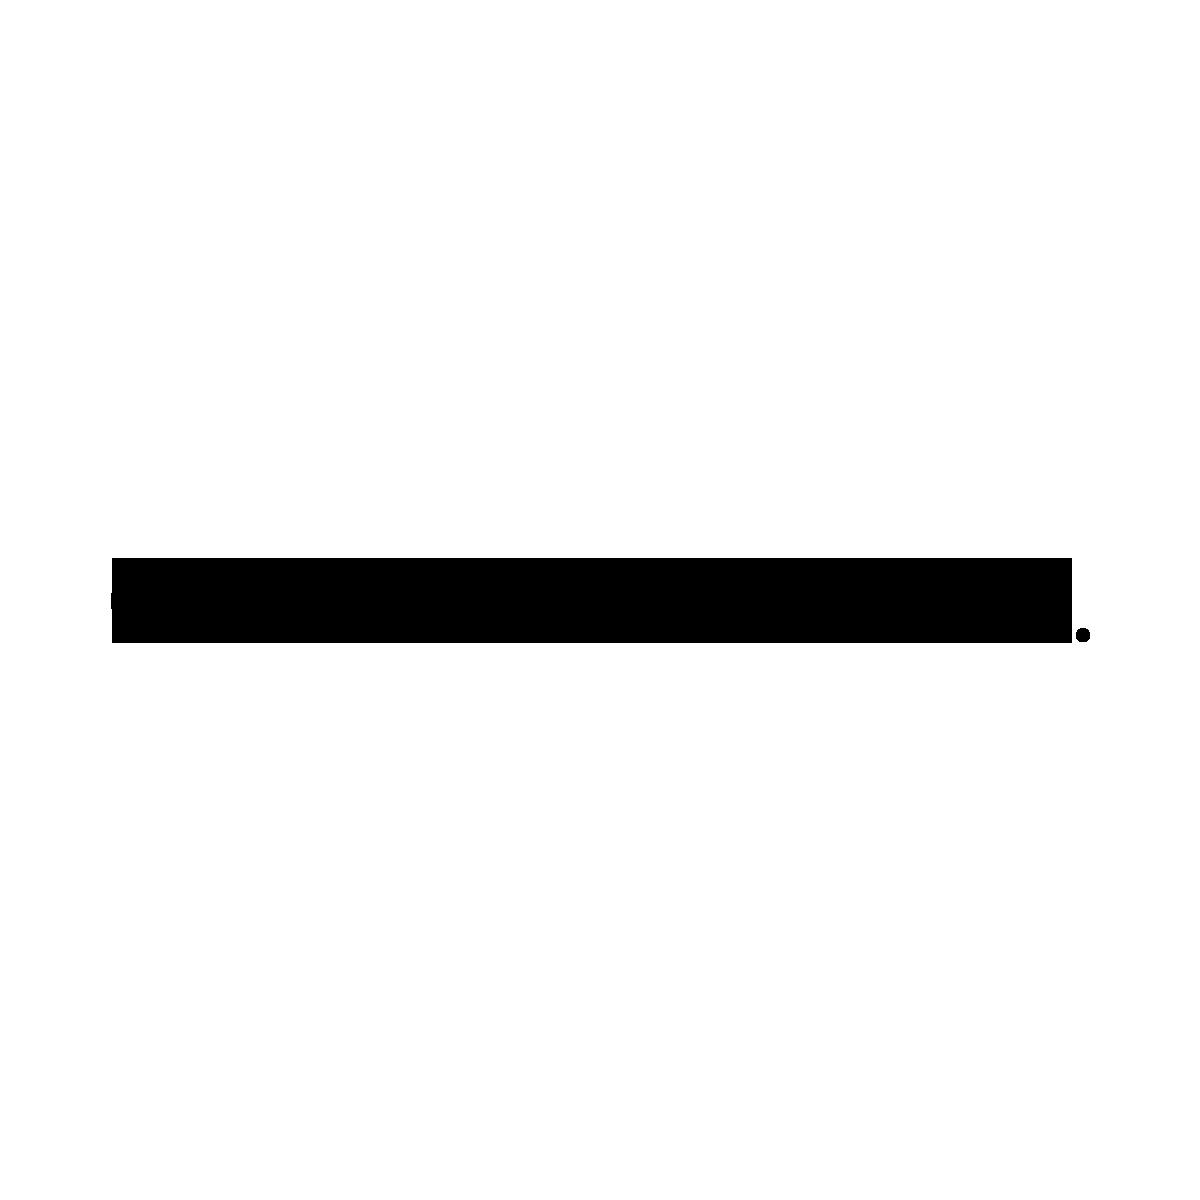 Sneaker-Diem-Grau